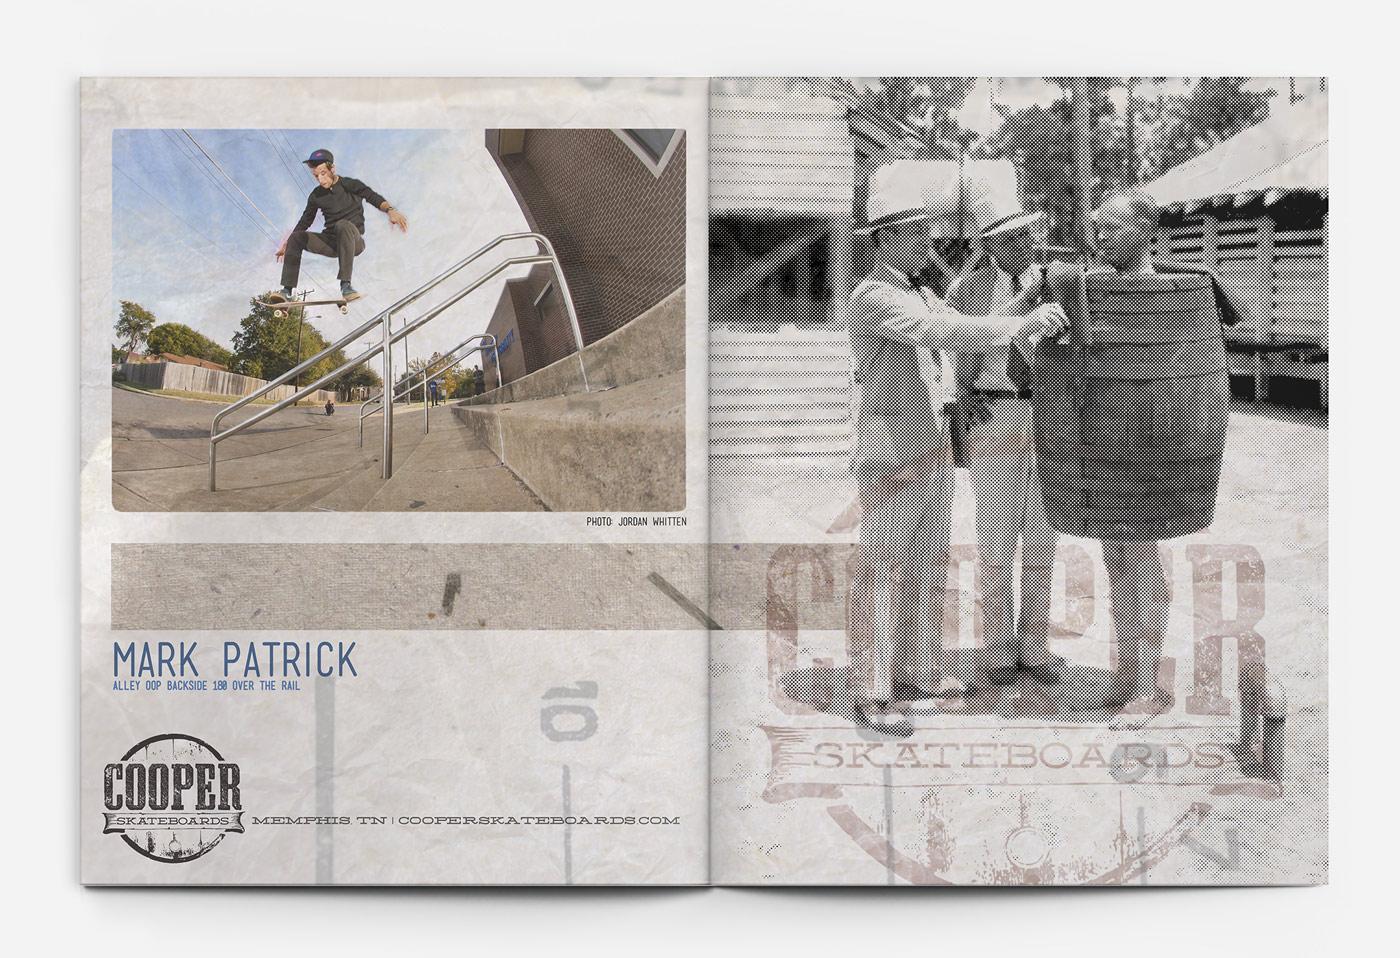 Cooper Skateboards Ad - Mark Patrick